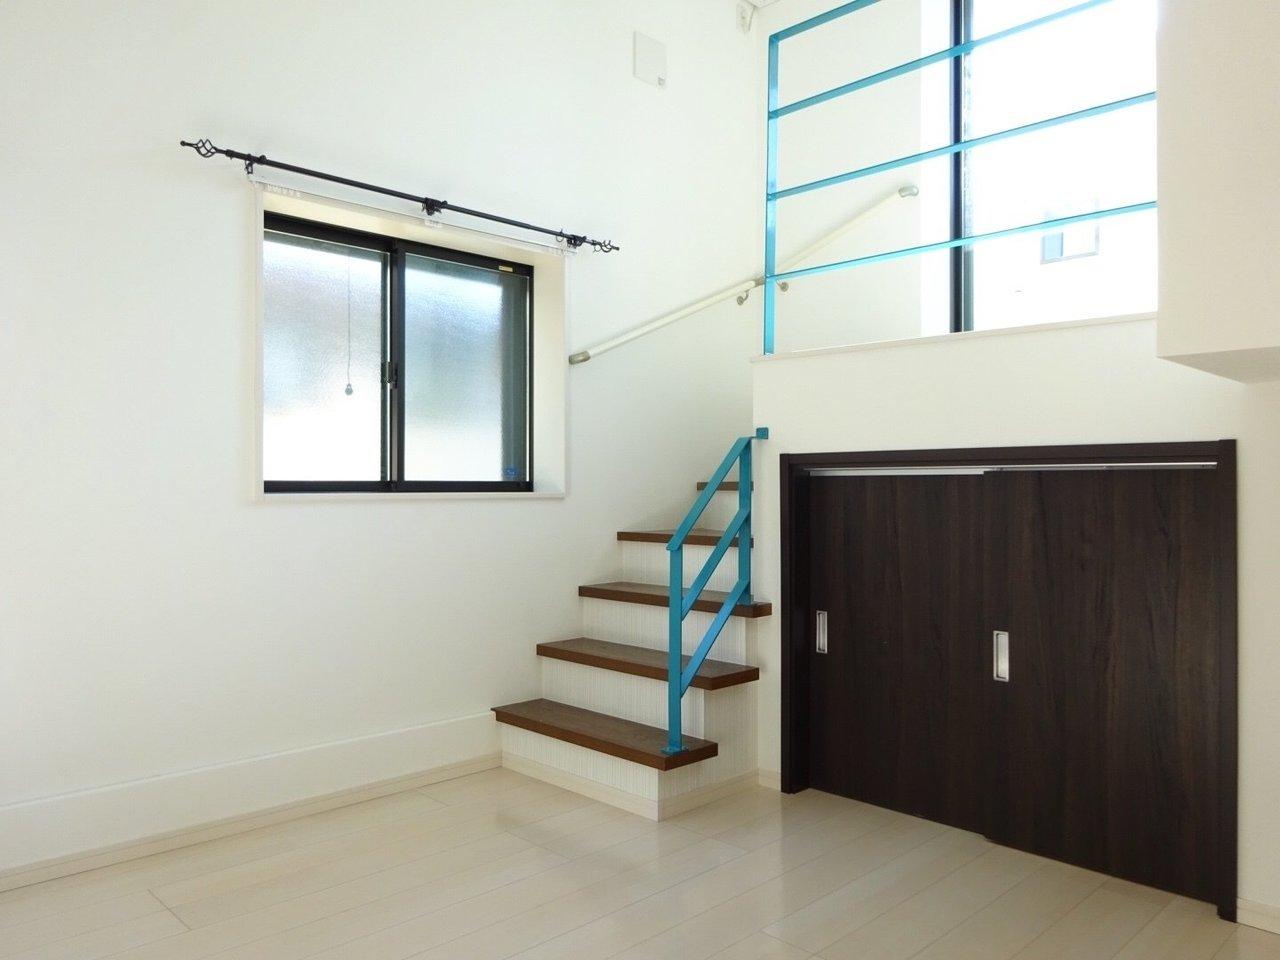 通常のロフトだと、その下はキッチンやお風呂の場合が多いですが、ここは収納スペースになっています。1階部分にも収納があるとやっぱり少し安心。